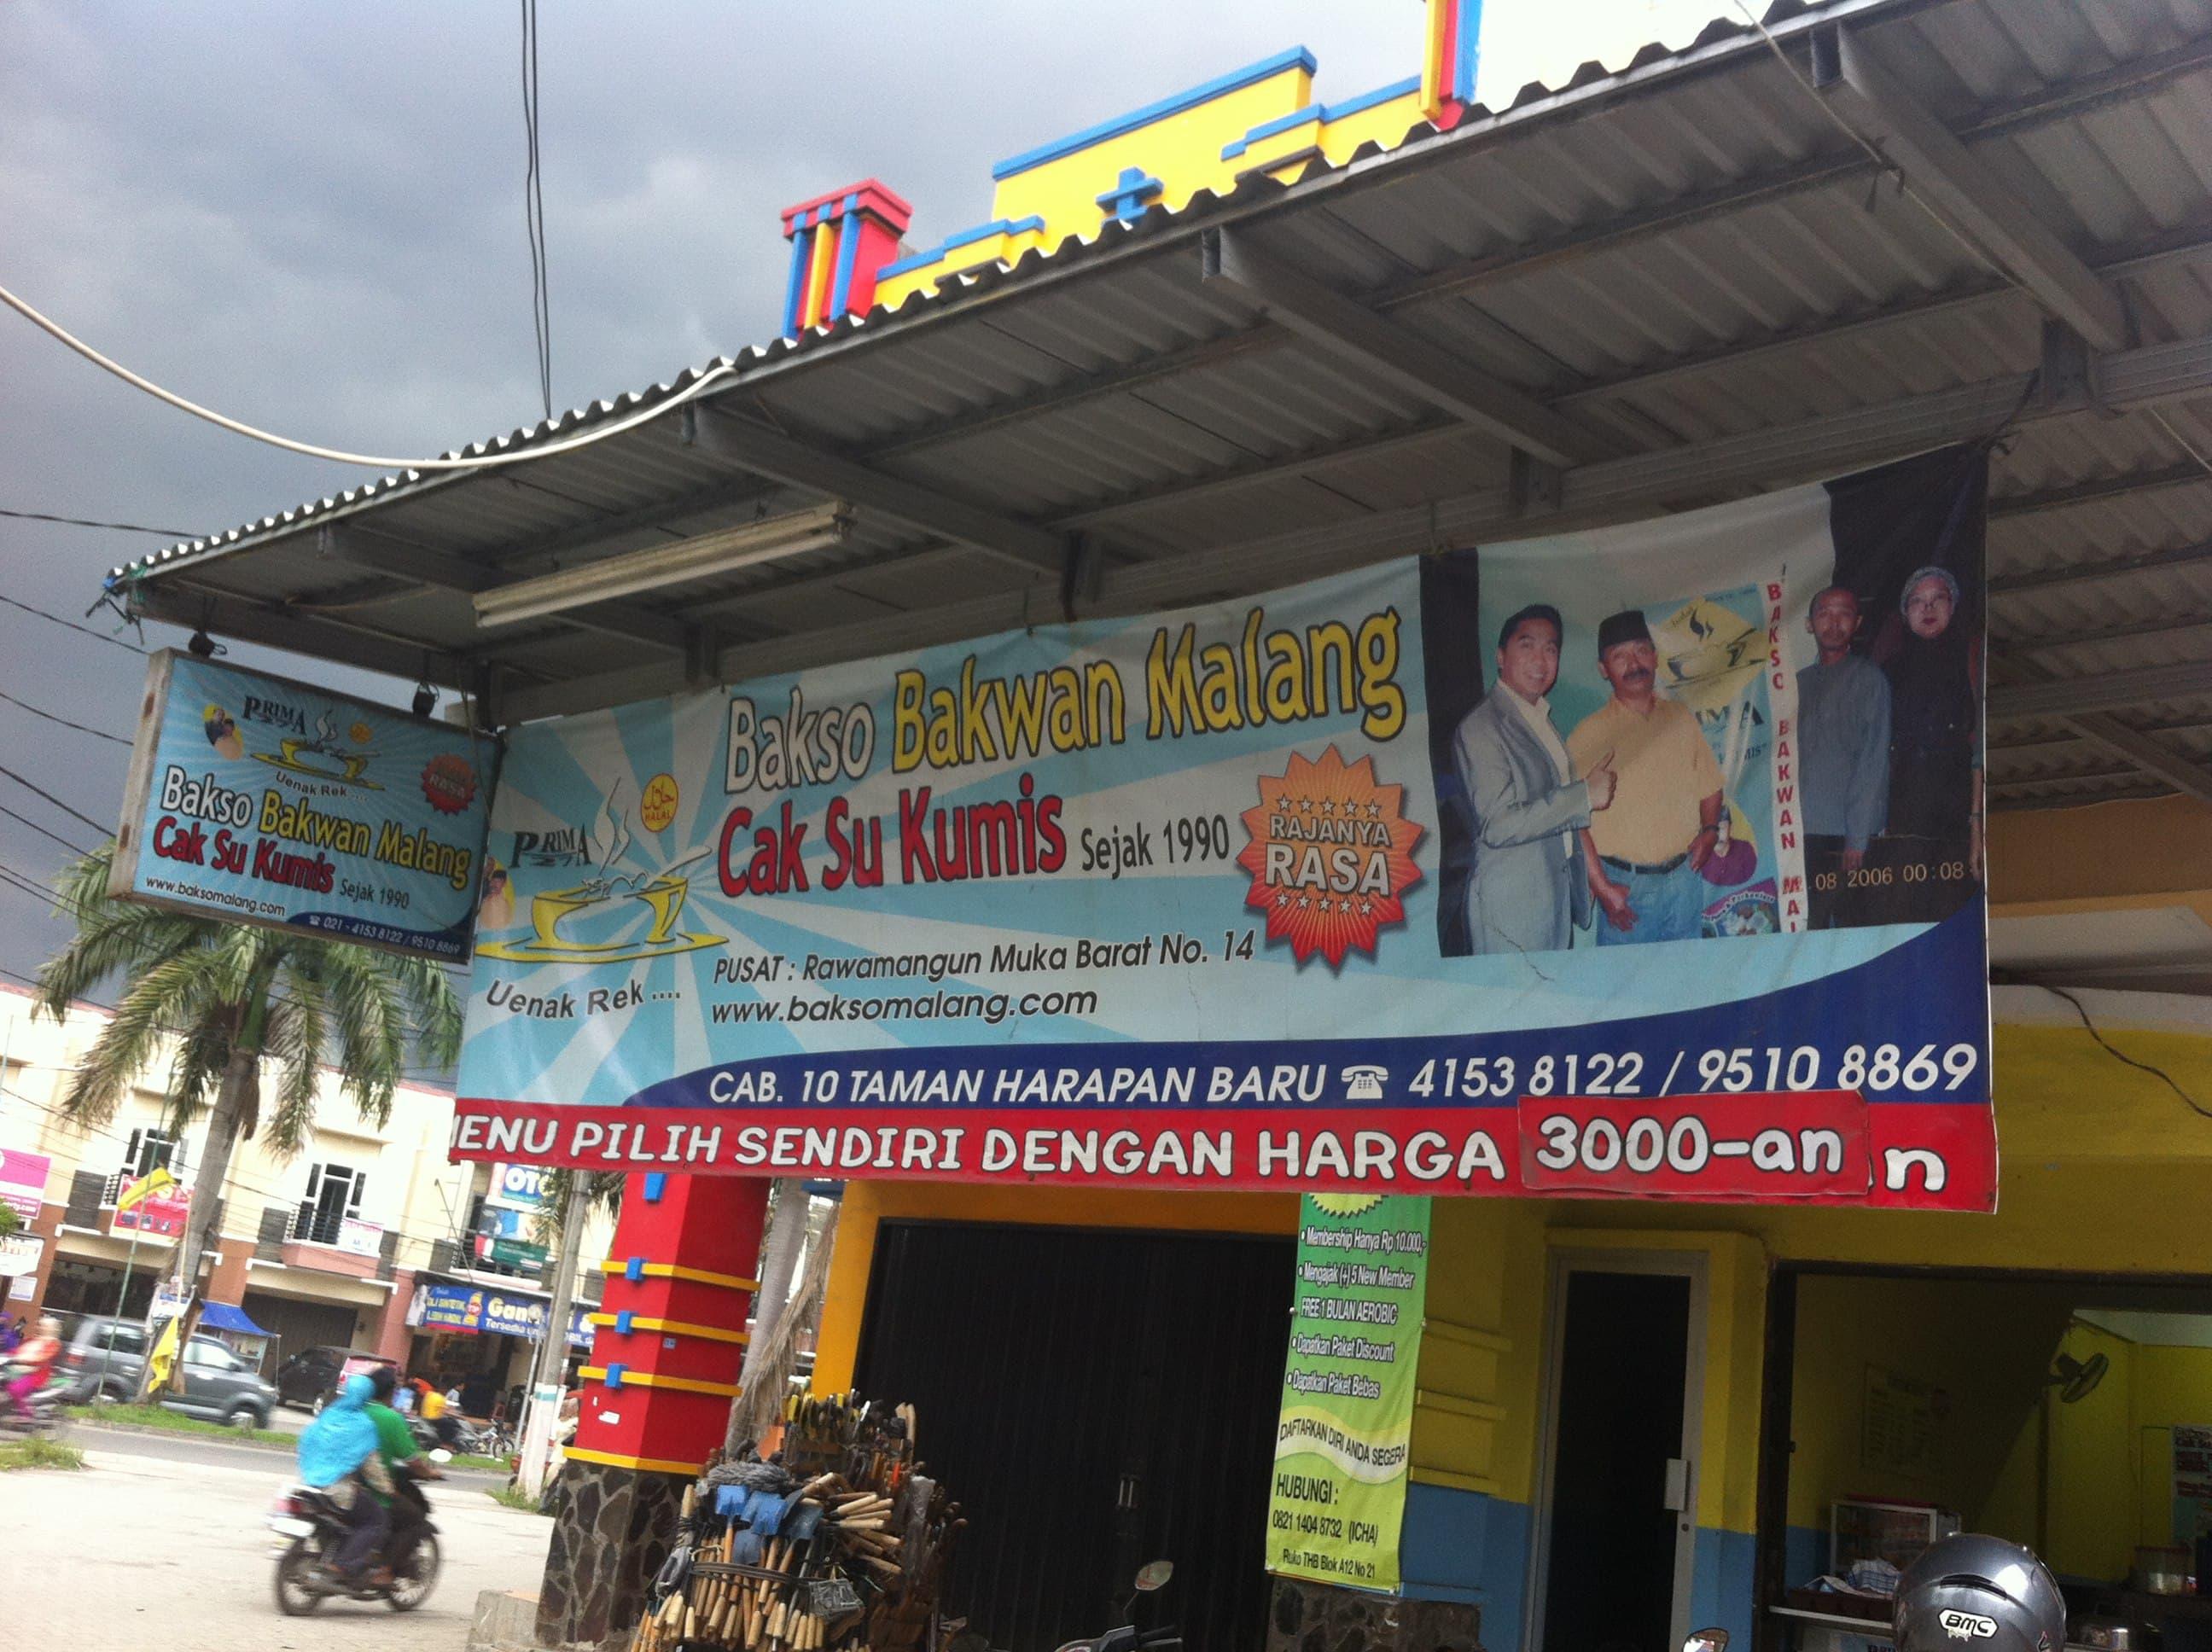 Bakso Bakwan Malang Cak Su Kumis Bekasi Utara Bekasi